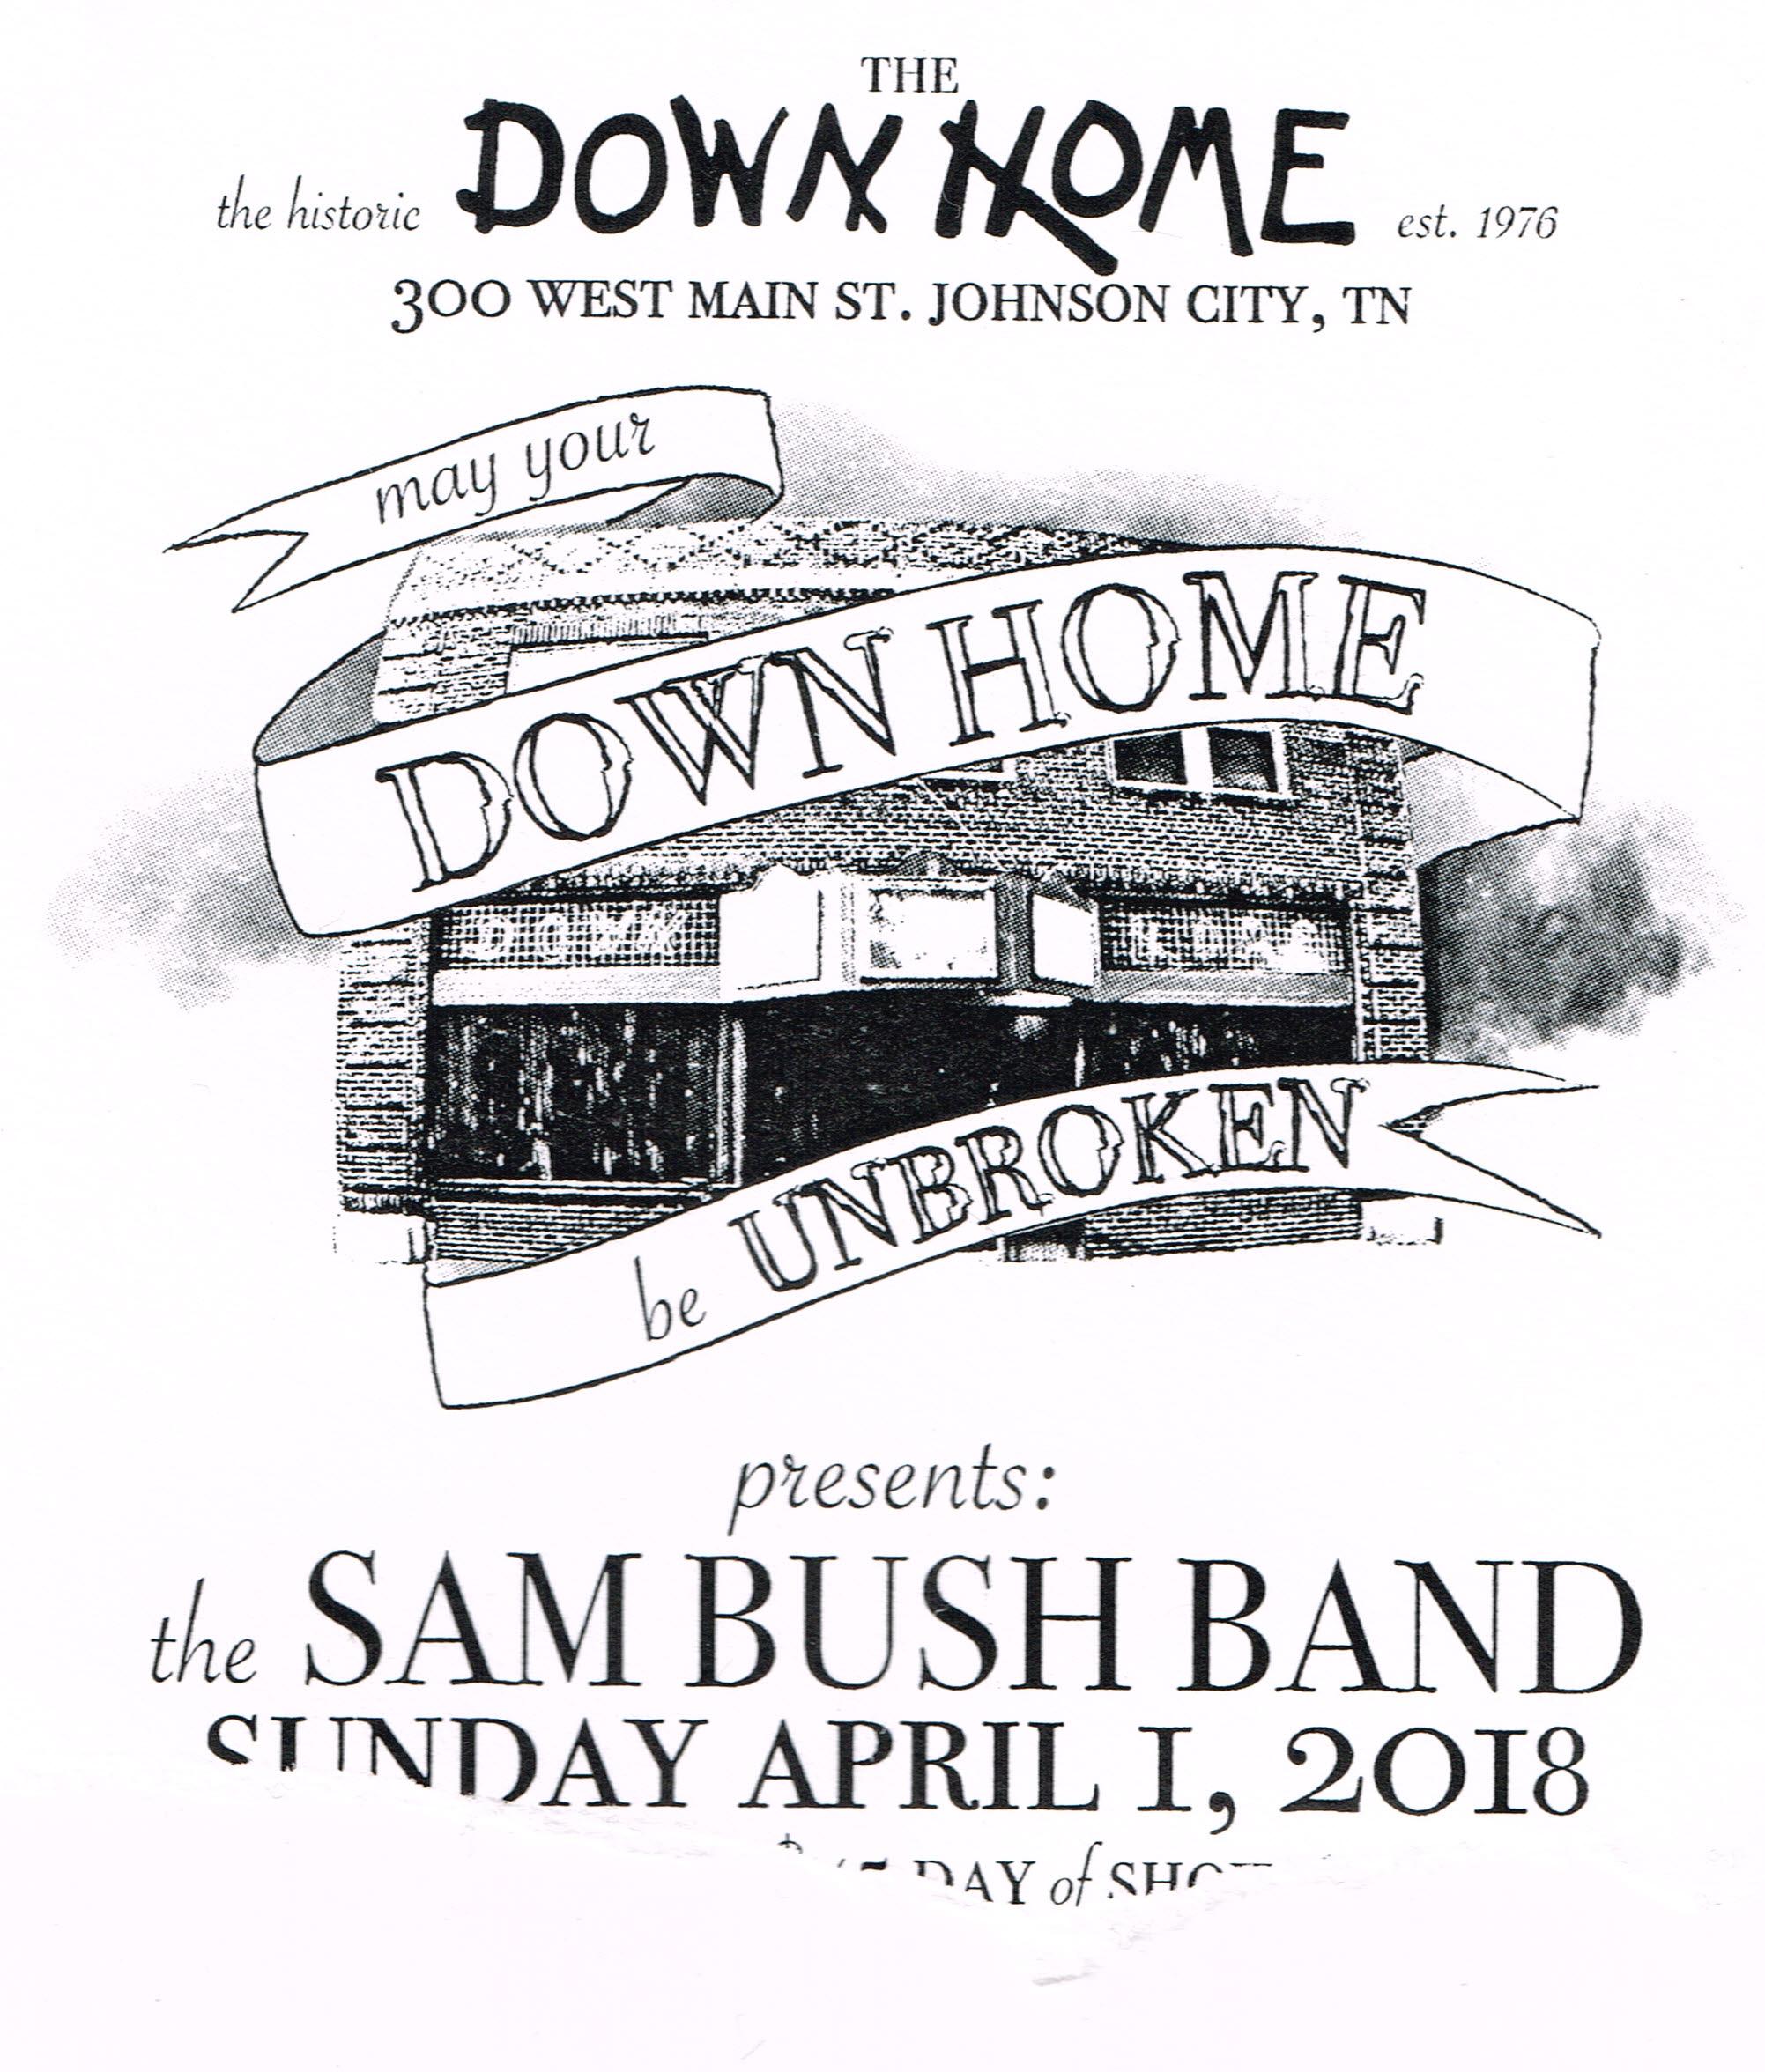 SamBushBand2018-04-01DownHomeJohnsonCityTN.jpg